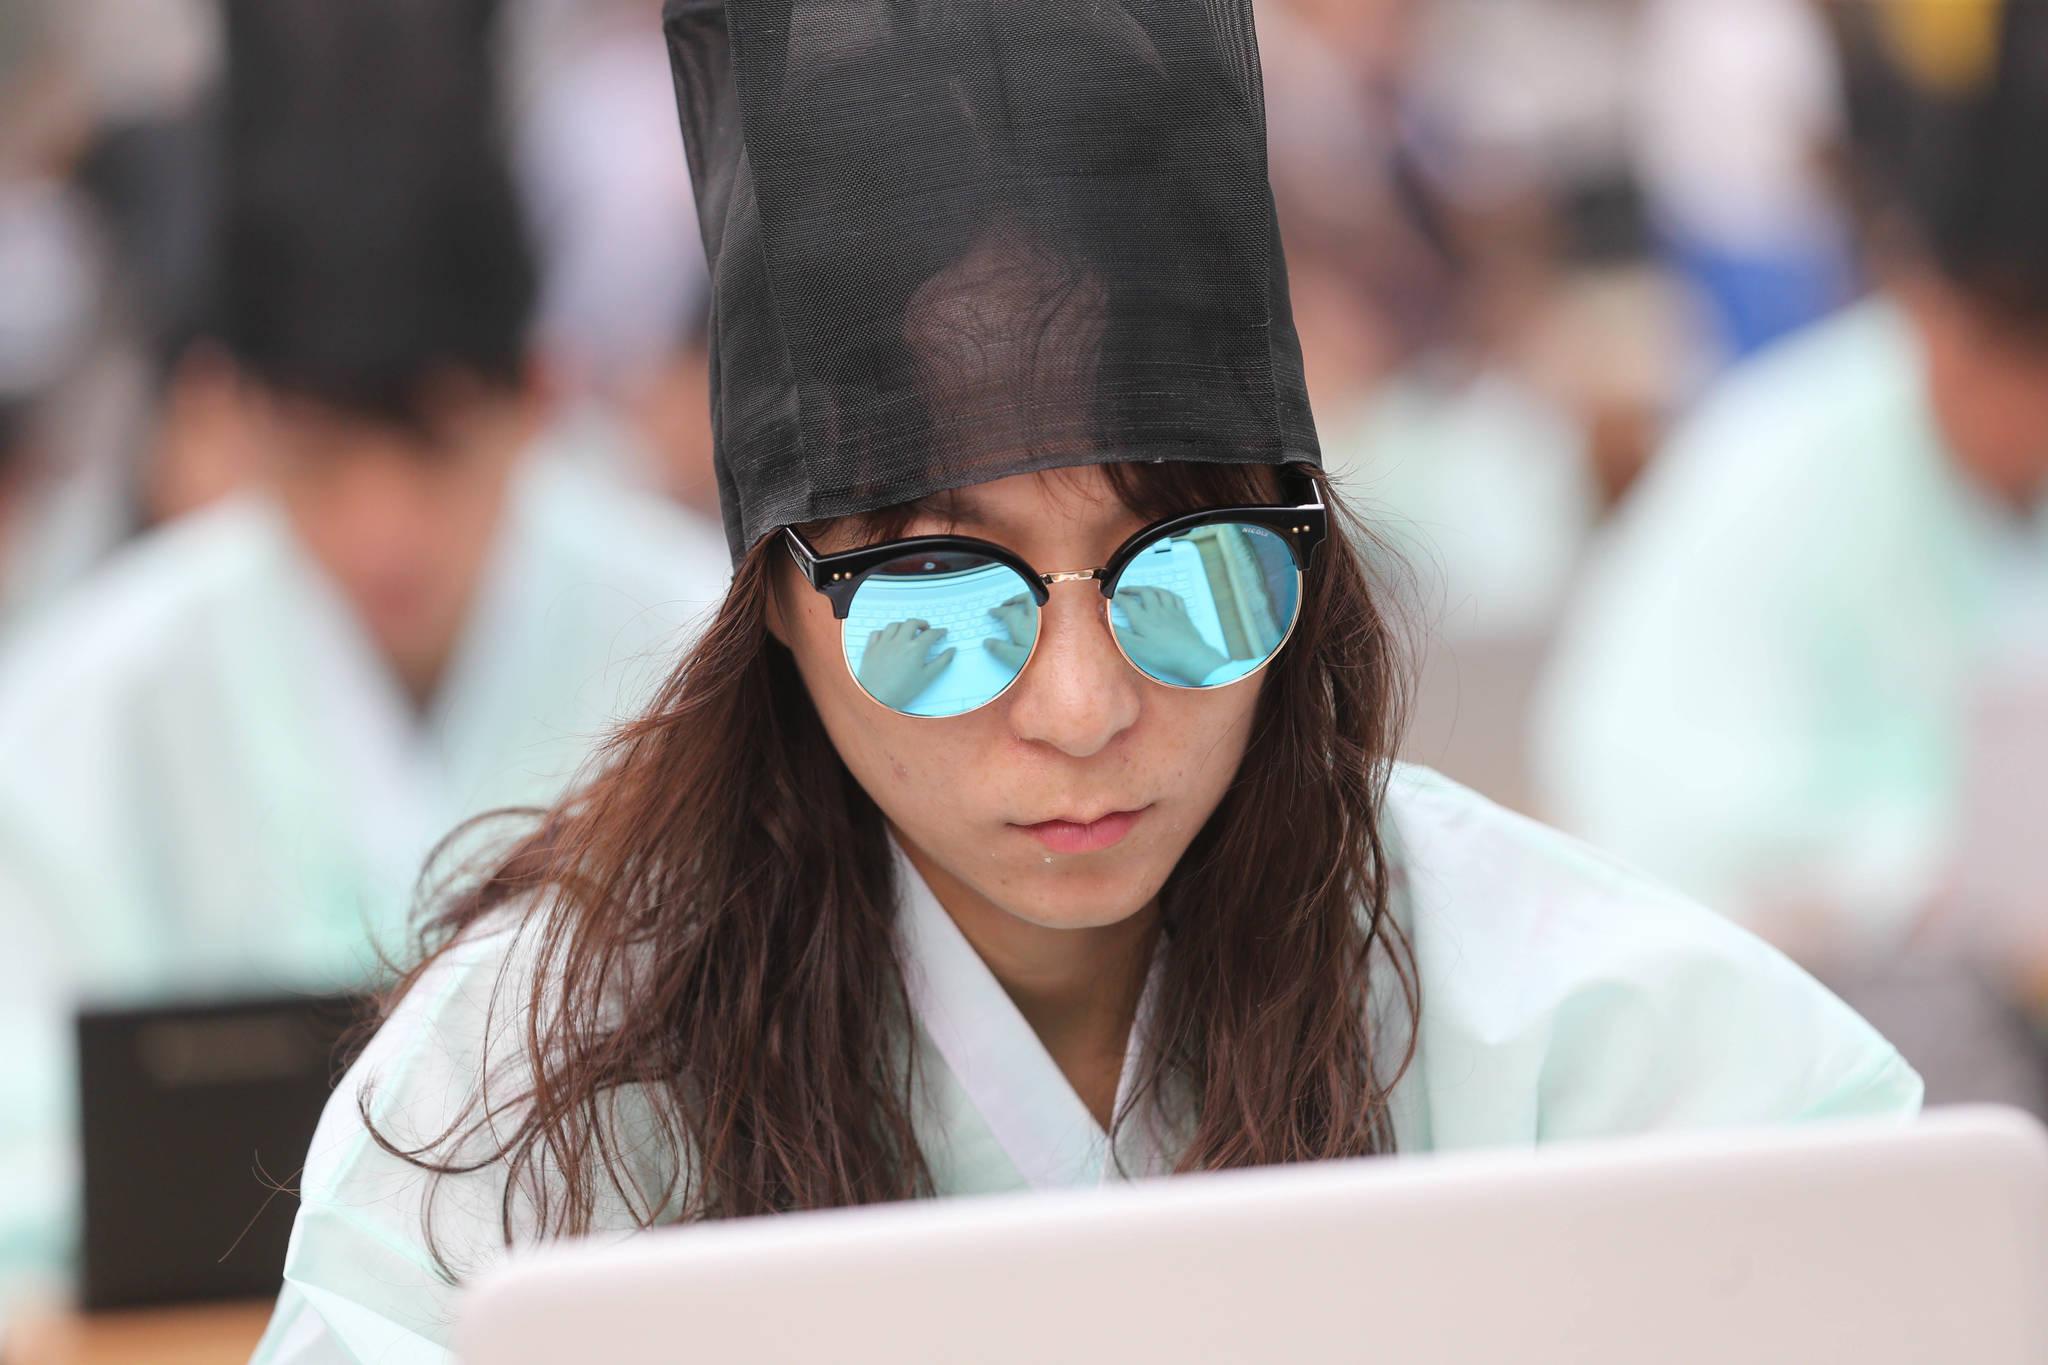 디지털 백일장 참가자 선글라스에 노트북 자판 위에 놓인 손이 비치고 있다. 신인섭 기자